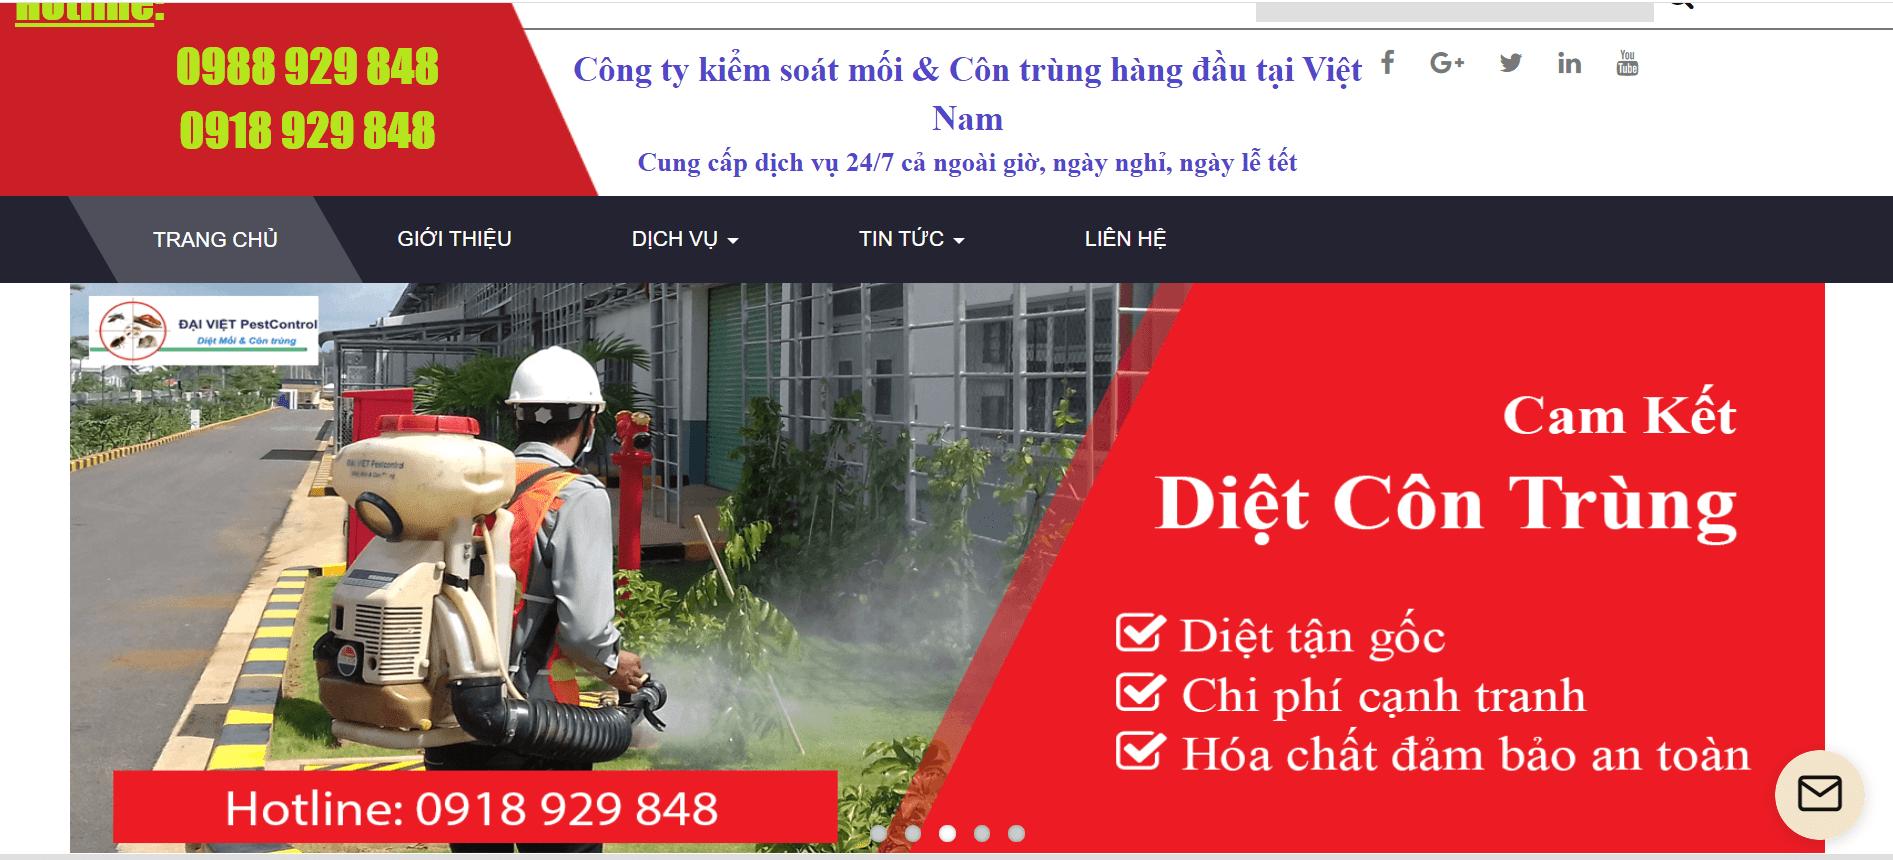 Dịch vụ diệt côn trùng và chuột Hà Nội